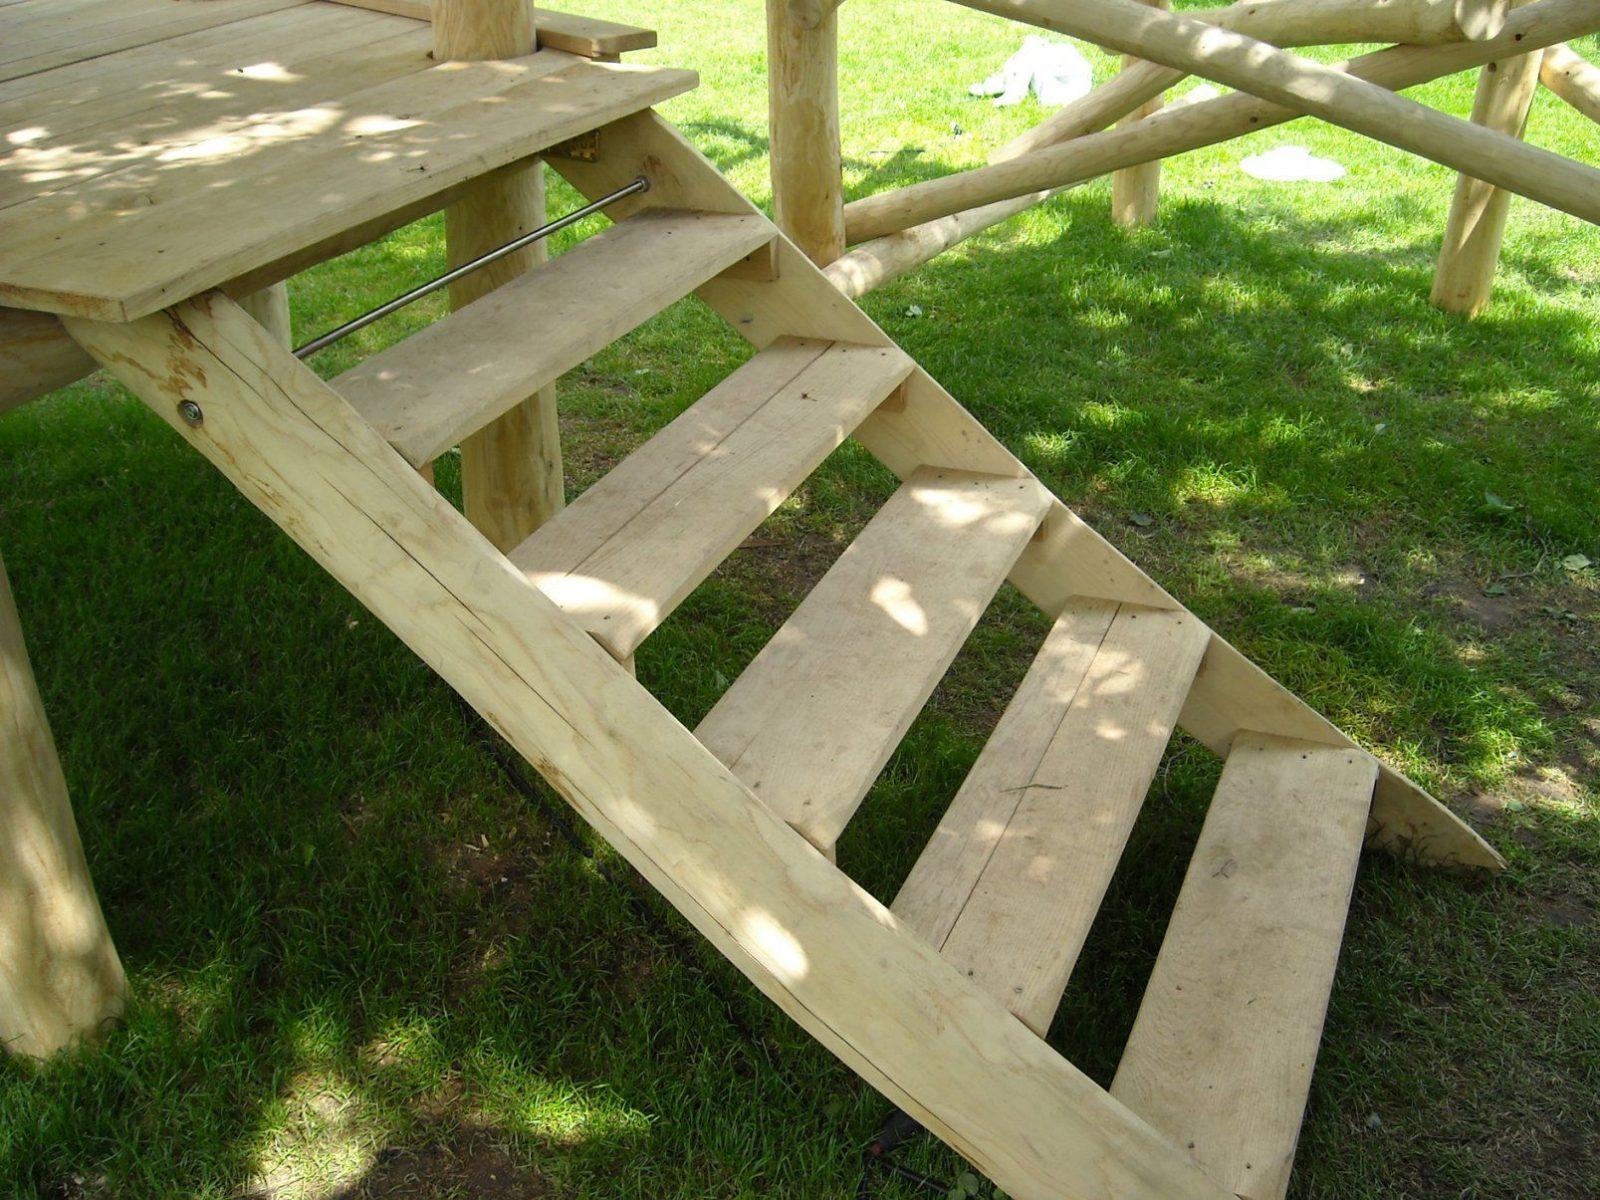 Terrassen Treppen Selber Bauen Wu06 – Hitoiro Plus Jahrgang Haus von Kleine Holztreppe Selber Bauen Photo